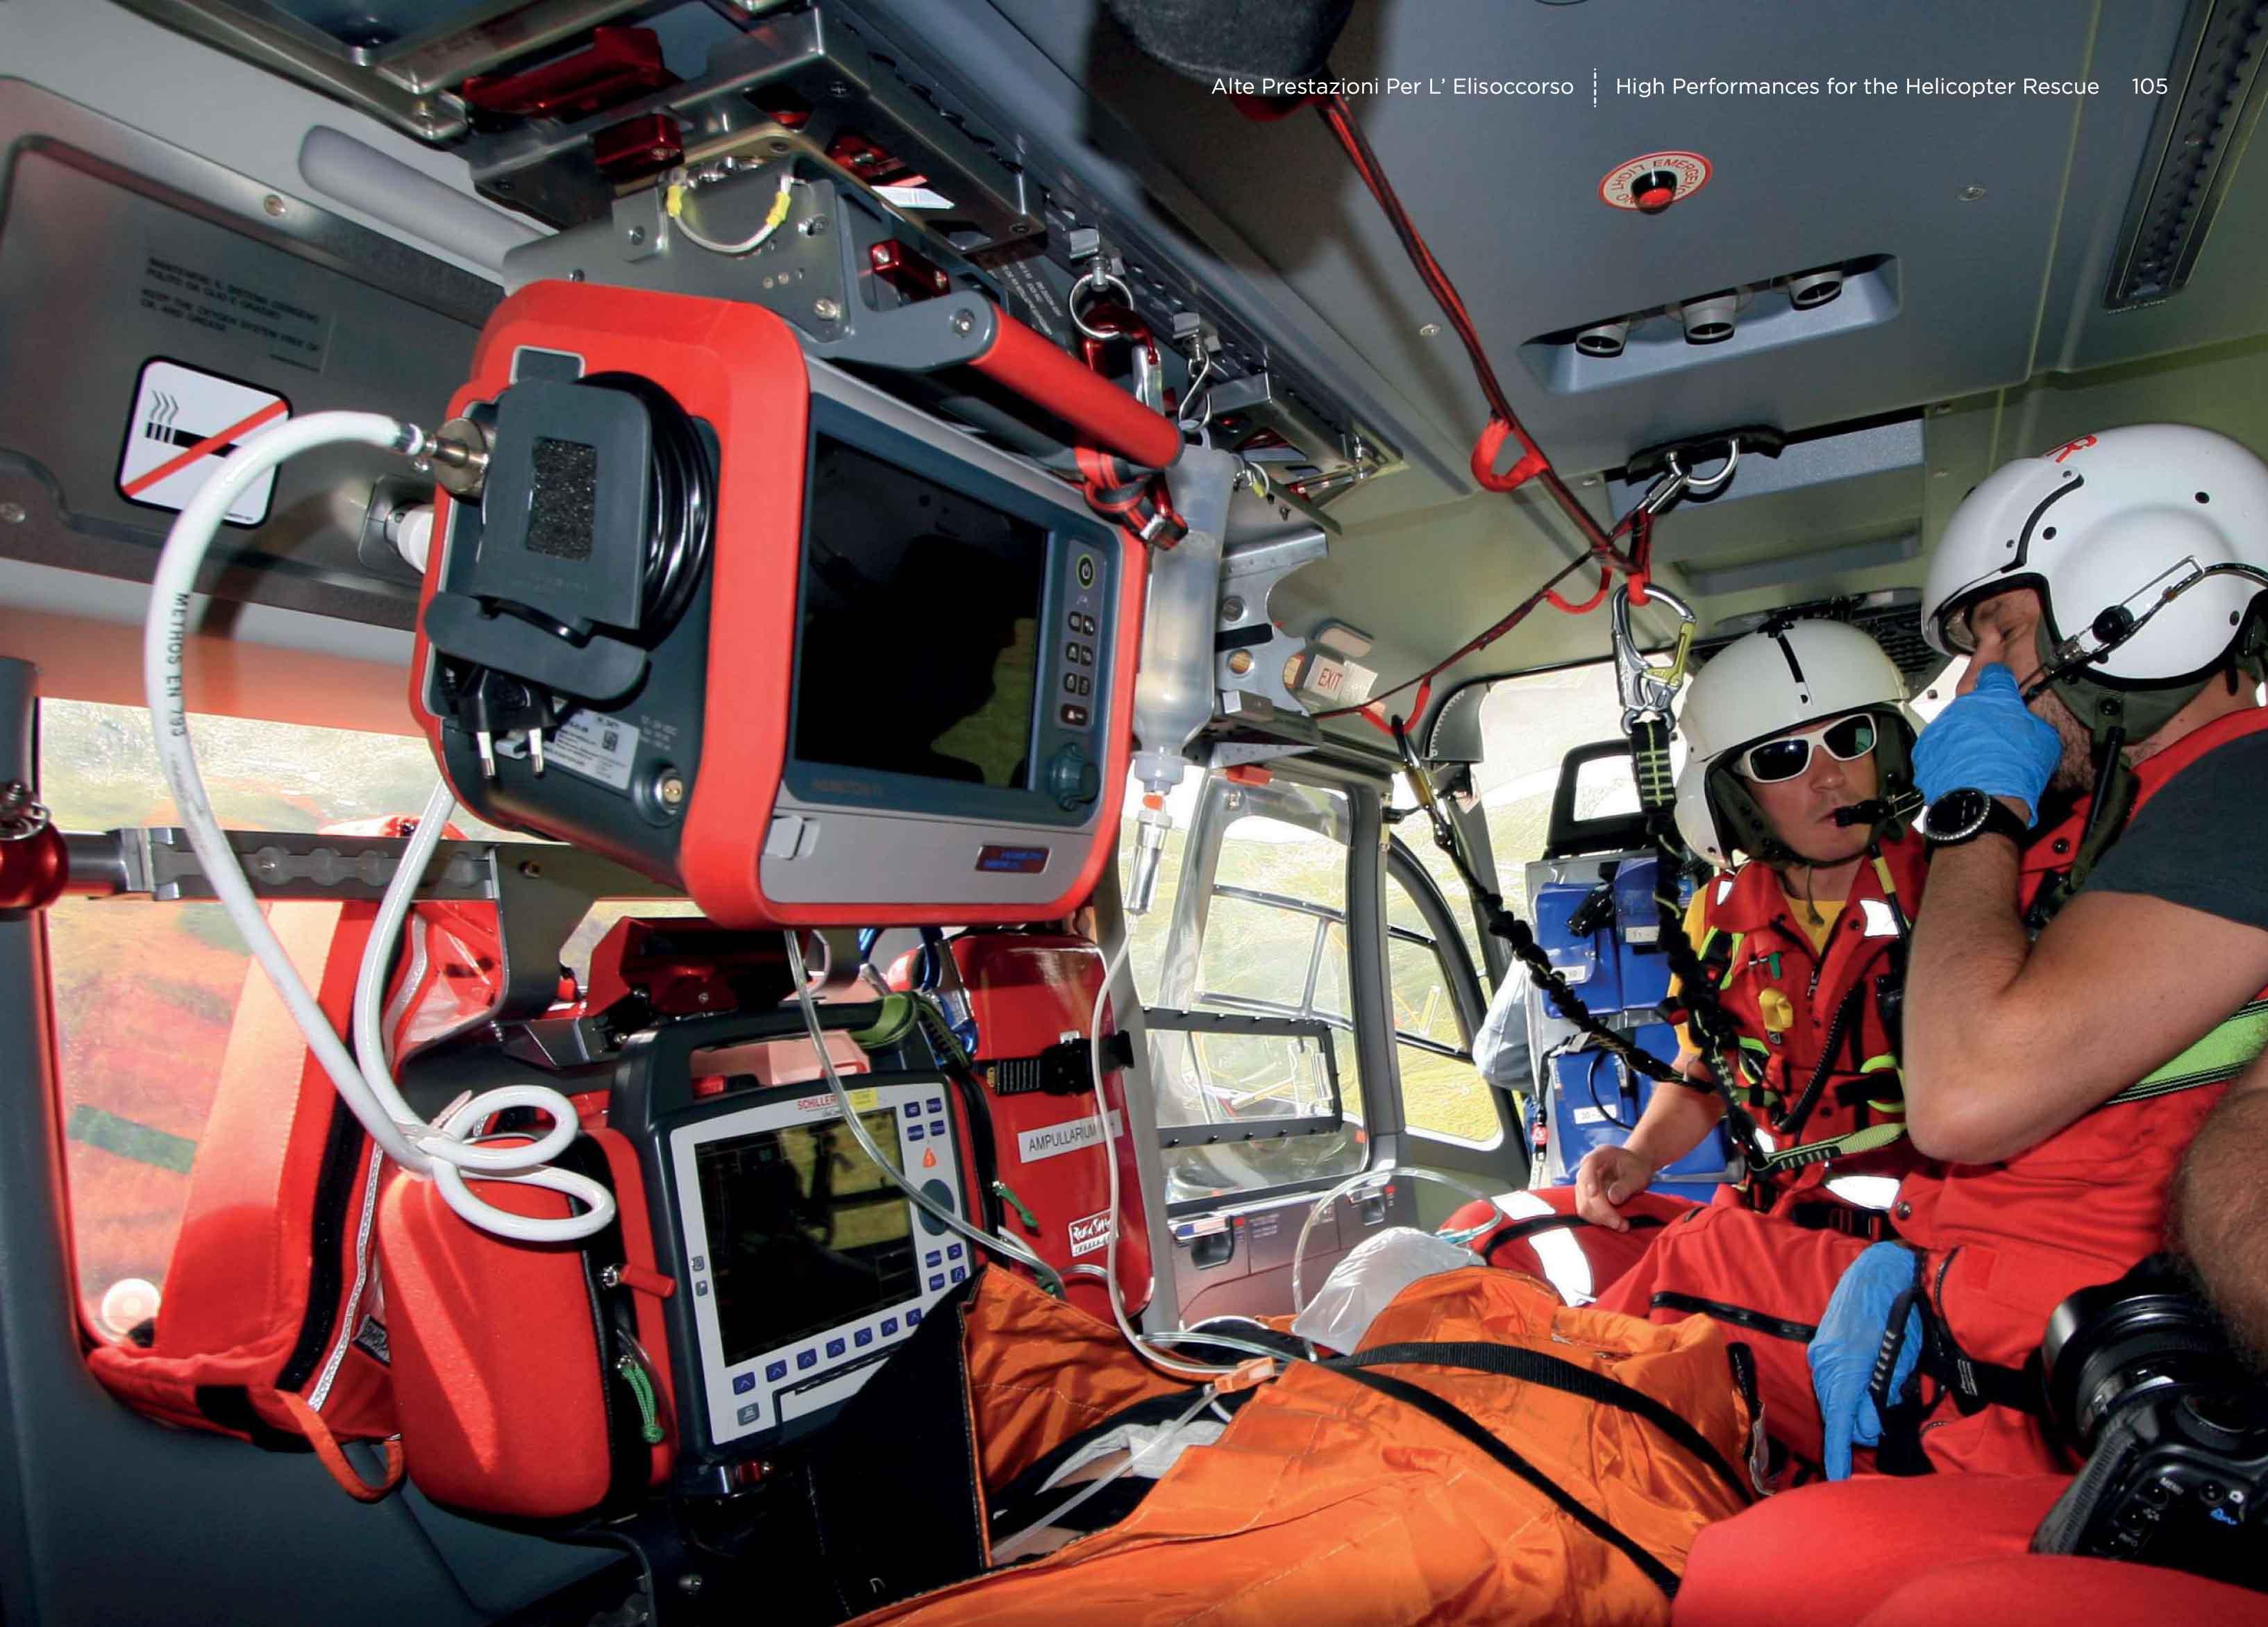 Soccorso ed elicotteri, intervista al fotoreporter Dino Marcellino | Emergency Live 11